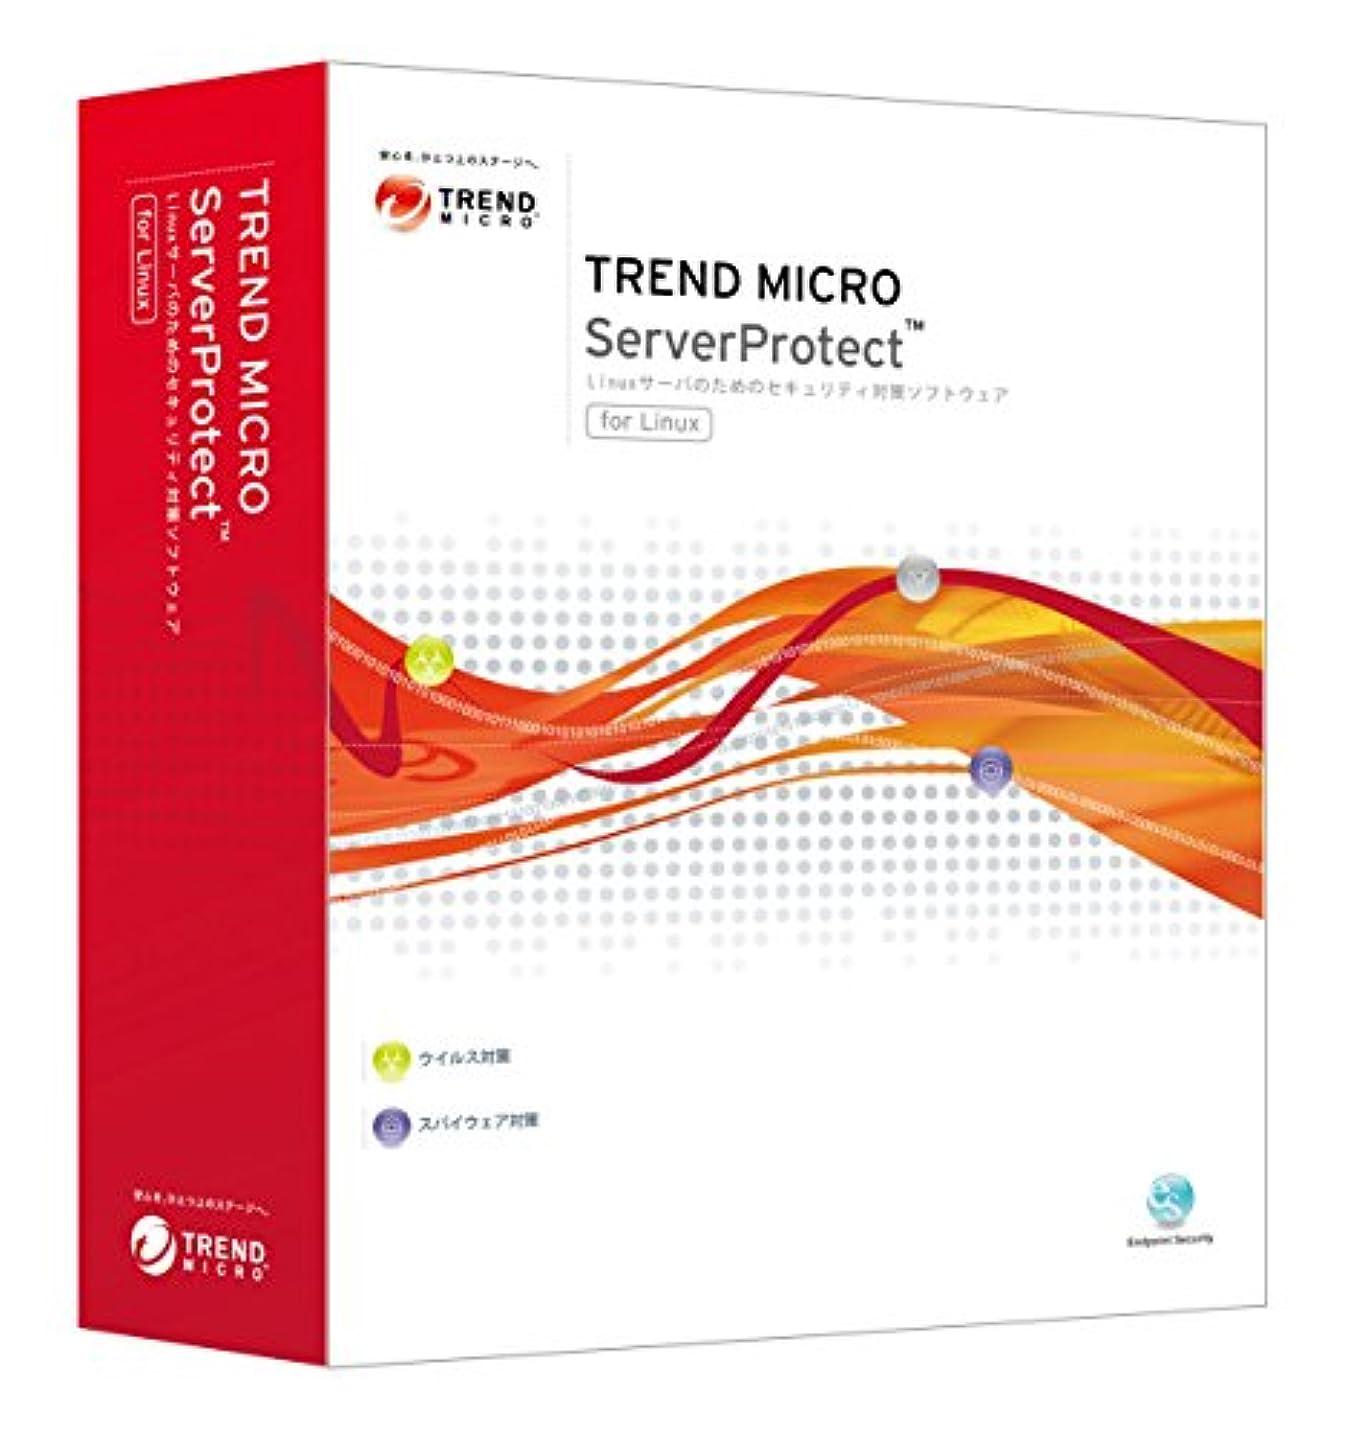 タービン相対サイズ雇用者トレンドマイクロ ServerProtect for Linux Ver3.0